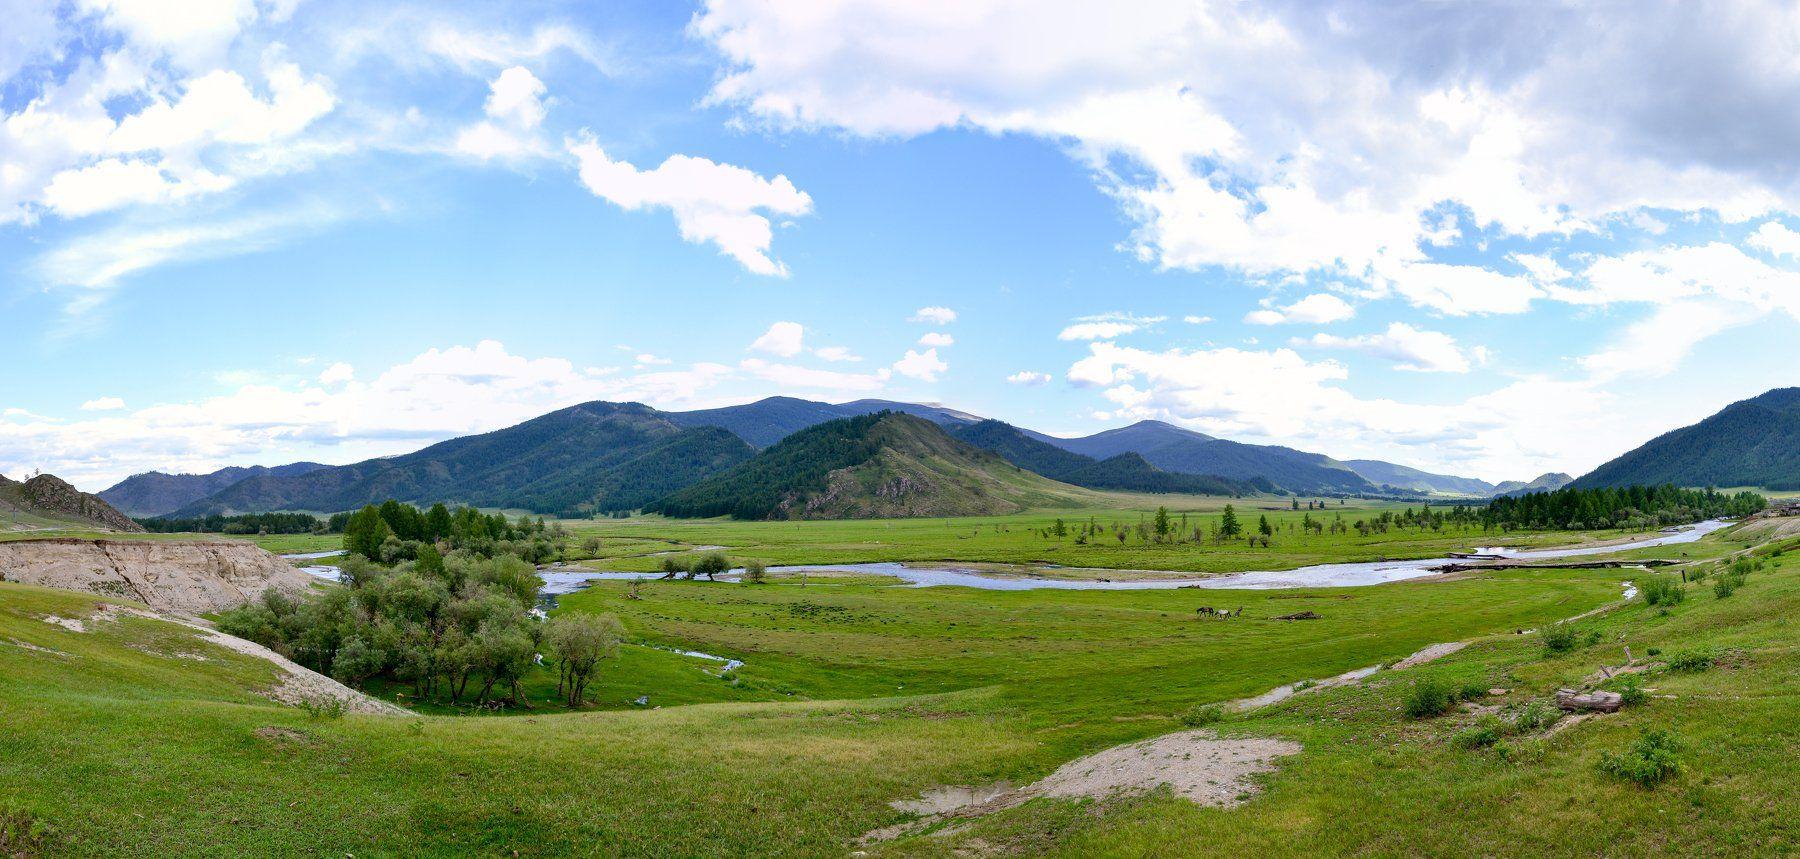 Алтай, Усть, Горный, Altai, Долина, Евгений Смагин